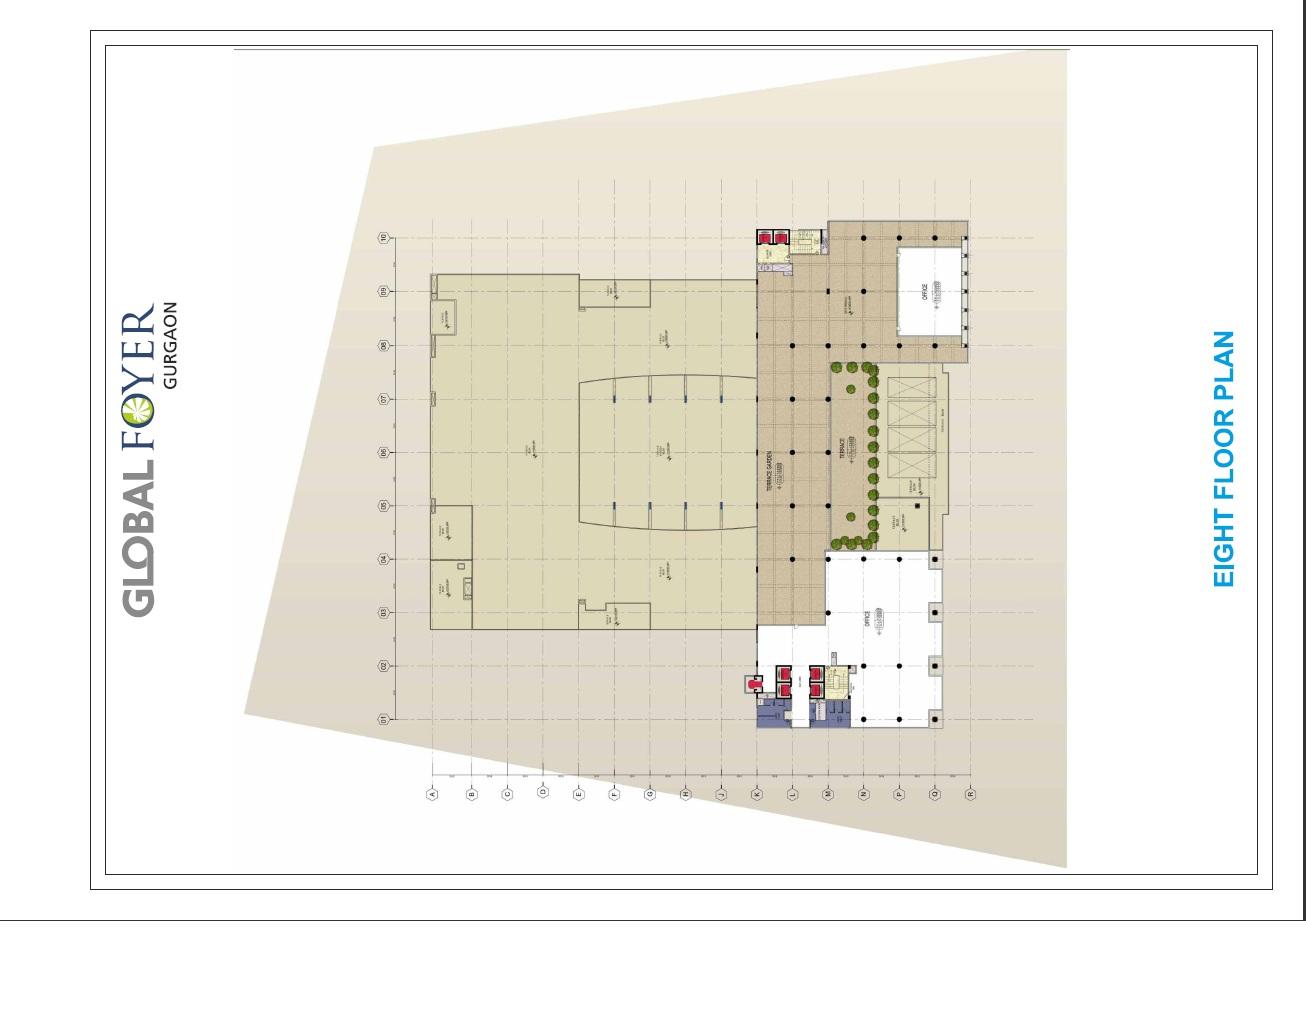 Global Foyer Floor Plan : Global foyer prithvi estates